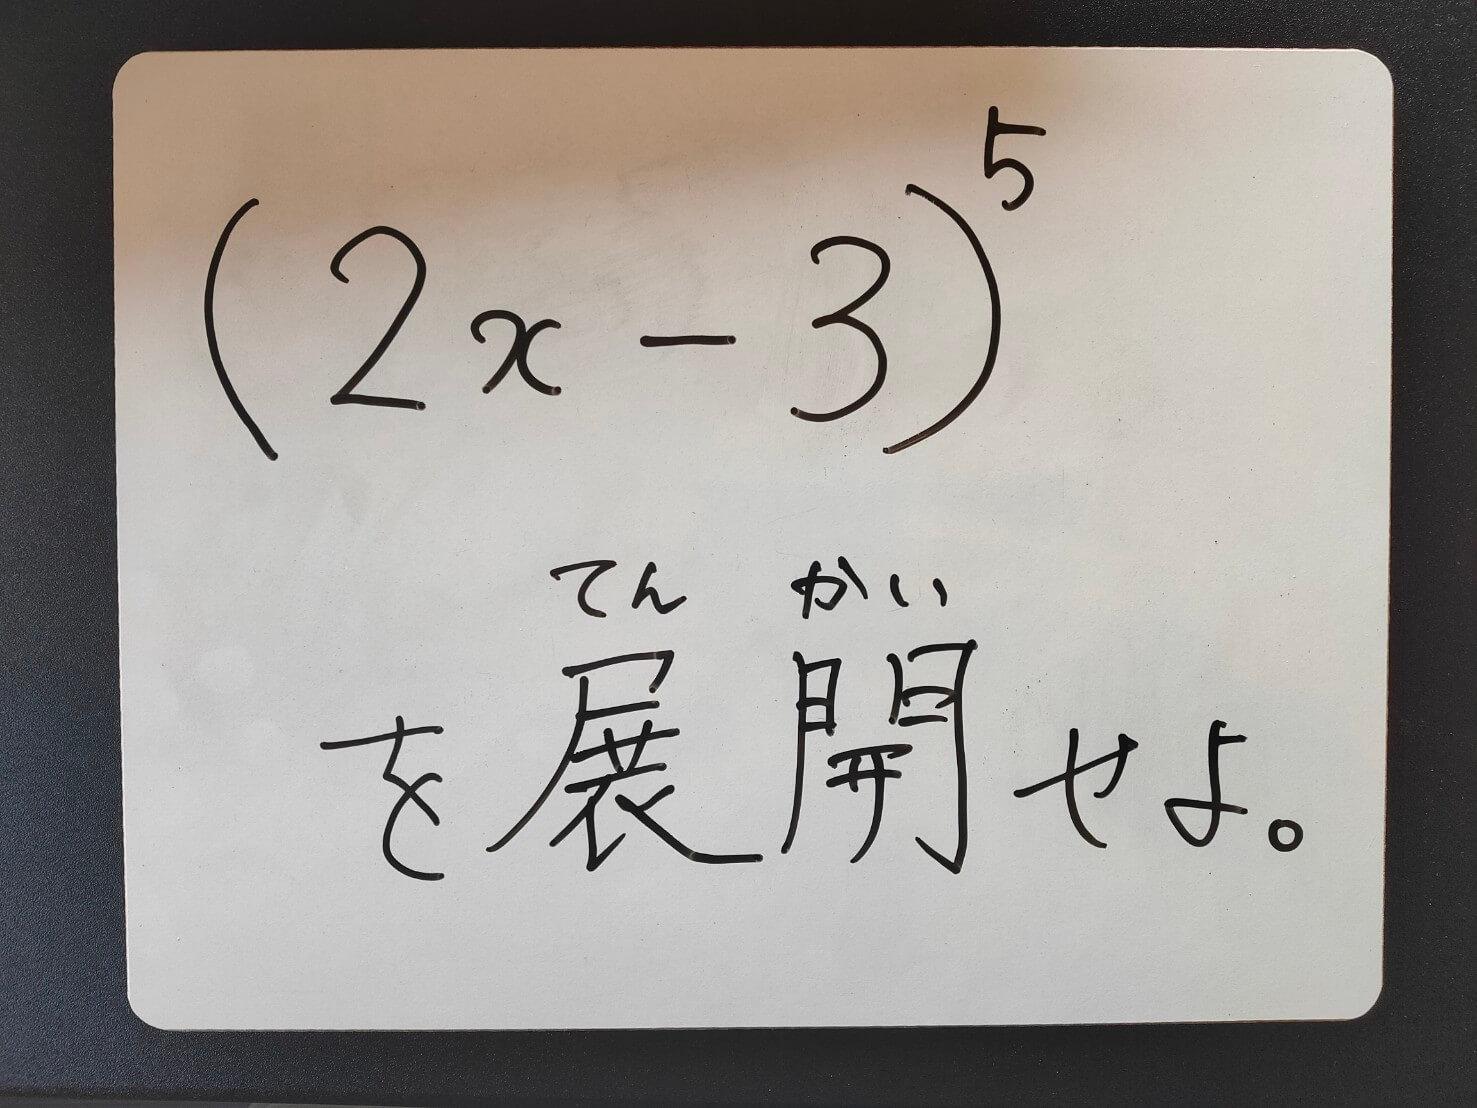 数学Ⅱ】「(2x-3)の5乗を展開せよ」の解き方【覚える事は3つだけ ...